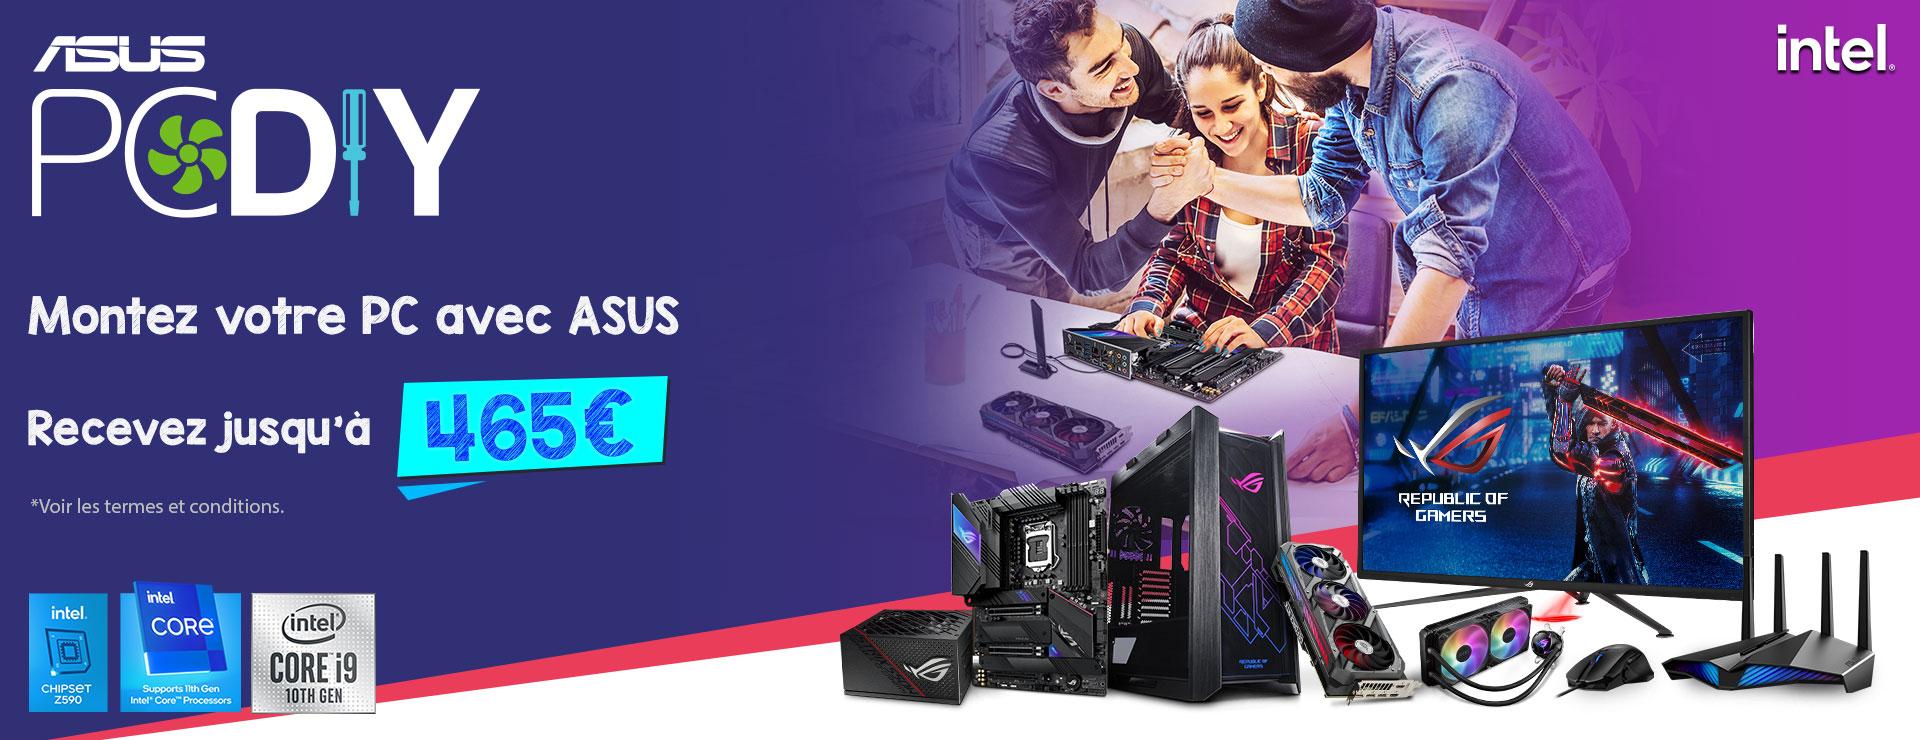 Achetez un produit ASUS Gaming éligible et gagnez jusqu'à 465 €